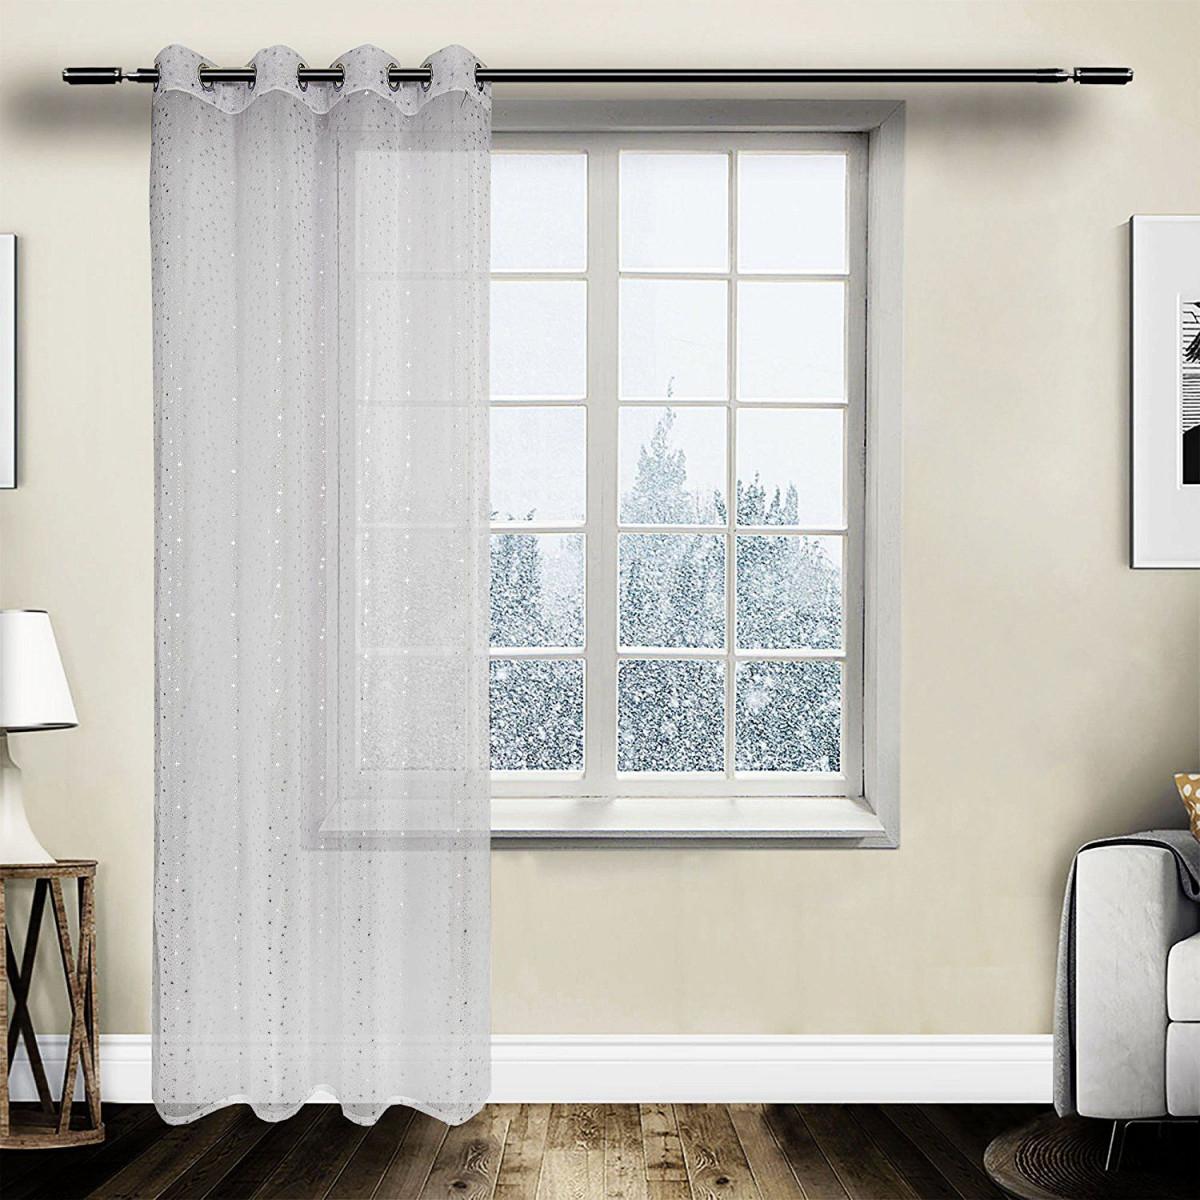 Gardine Vorhang Transparent Ösen Mit Muster Weiss  Vorhänge von Ösen Gardinen Wohnzimmer Bild